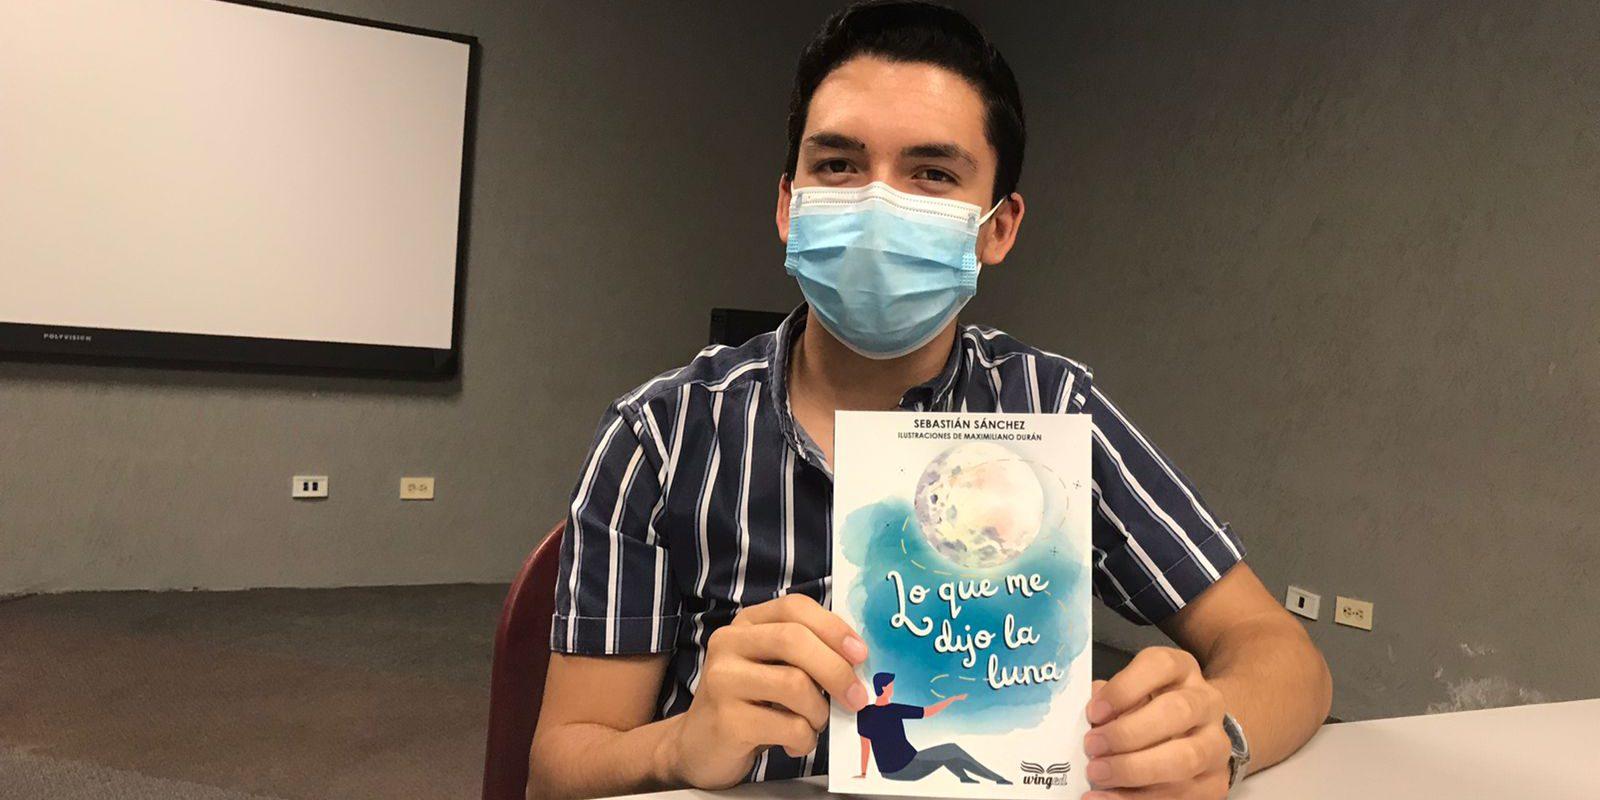 """Alumno de la U.A de C Sebastián Sánchez presentará su libro """"Lo que me dijo la Luna"""", en la Feria Internacional del Libro de Coahuila"""